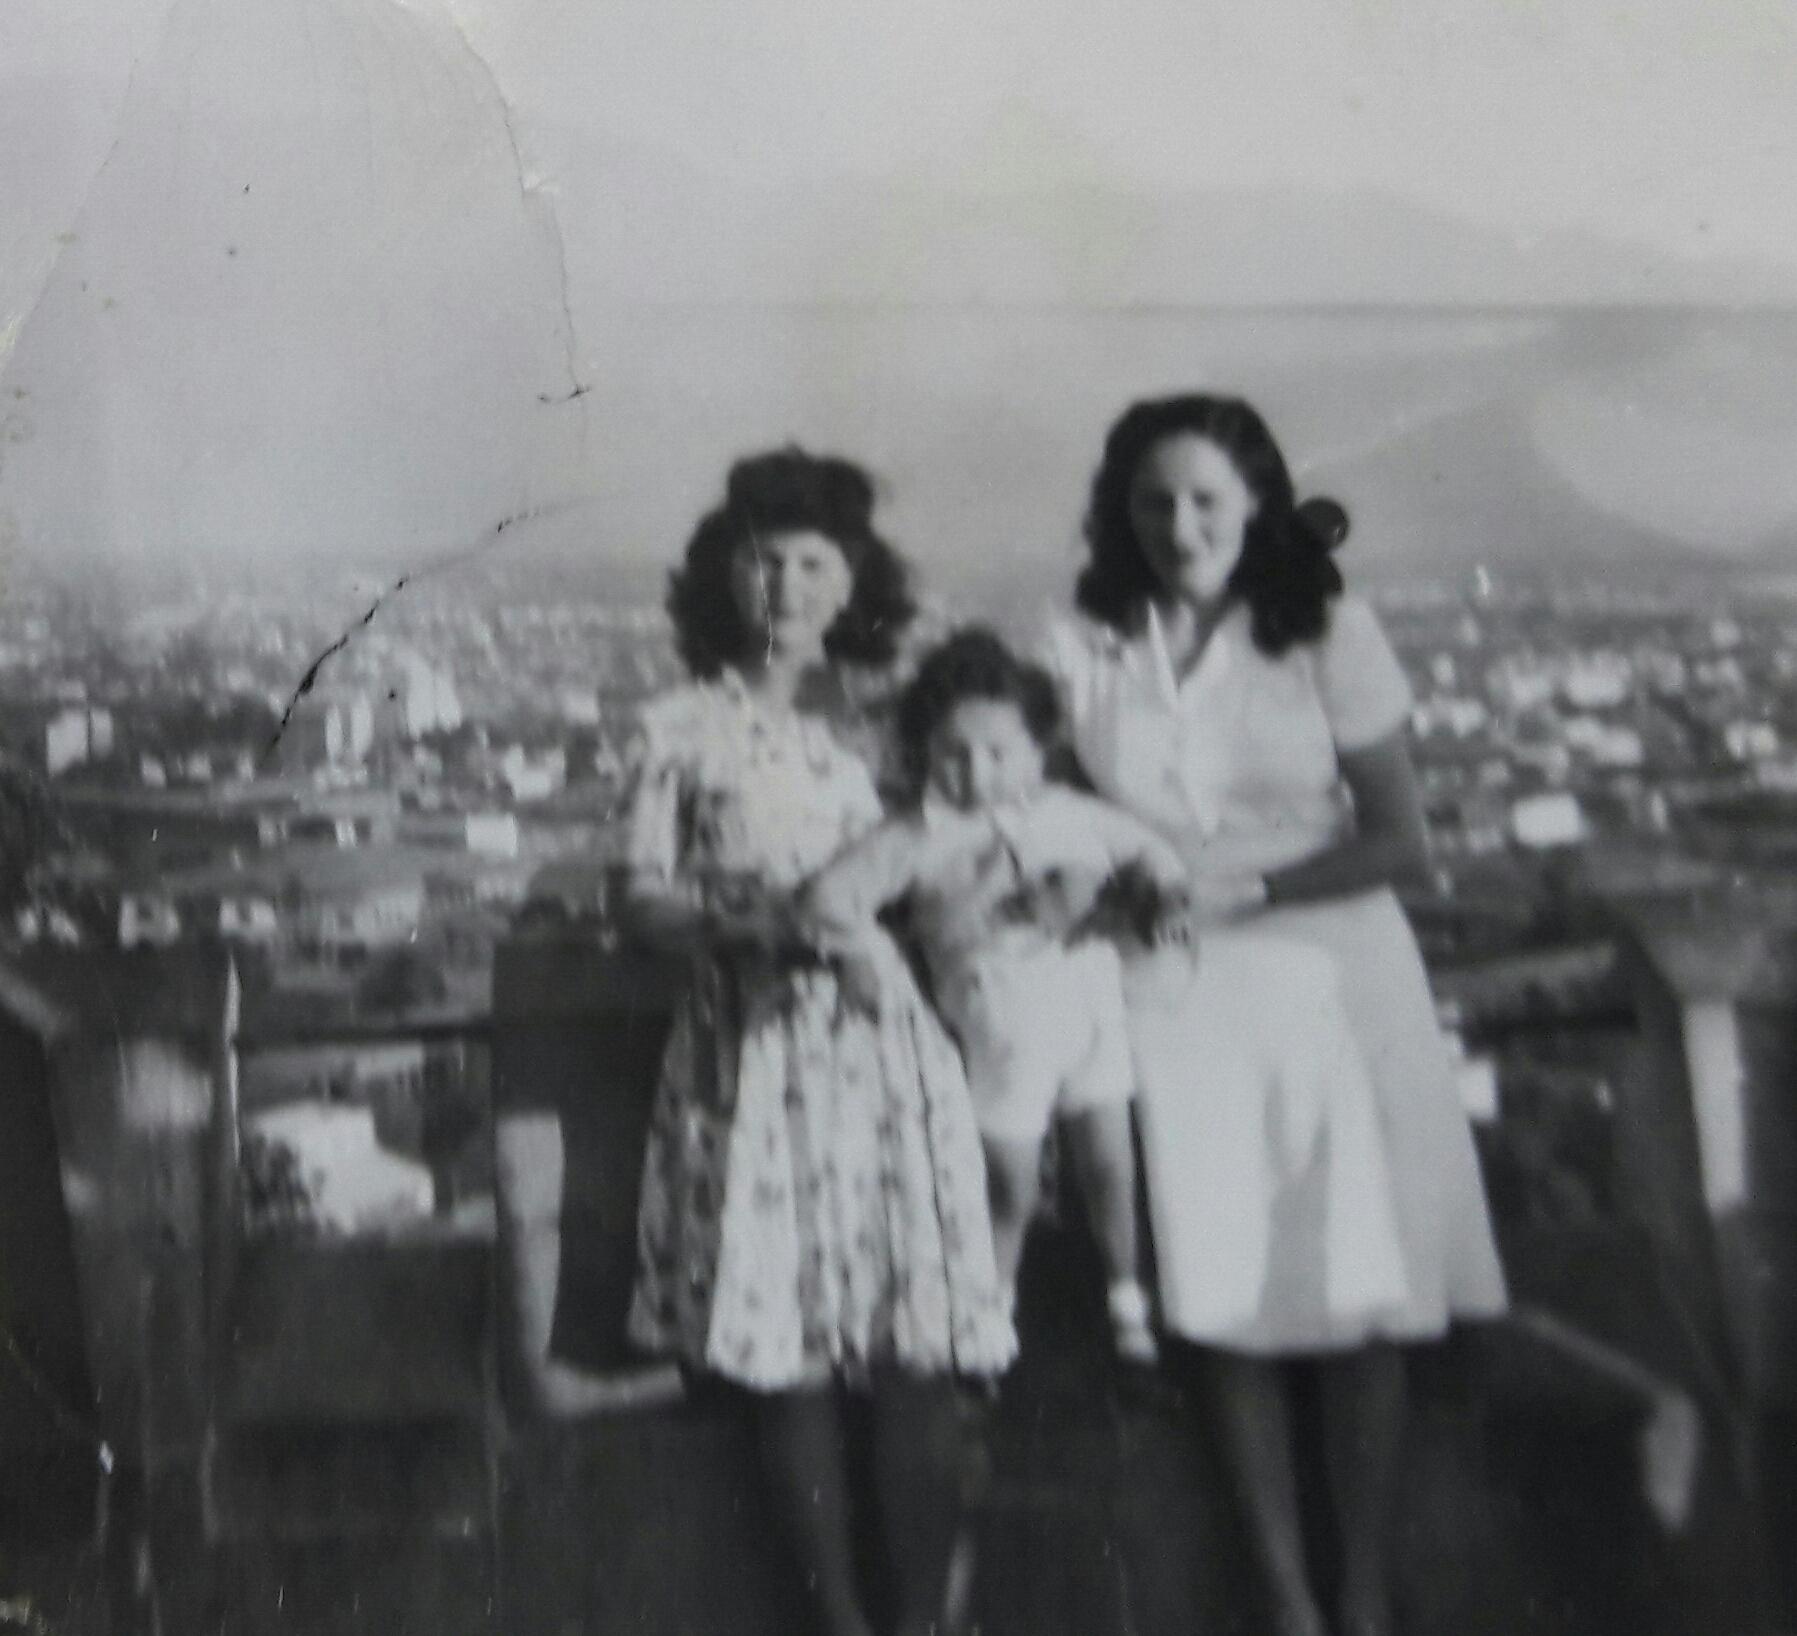 Enterreno - Fotos históricas de chile - fotos antiguas de Chile - Cerro Santa Lucía, 1945